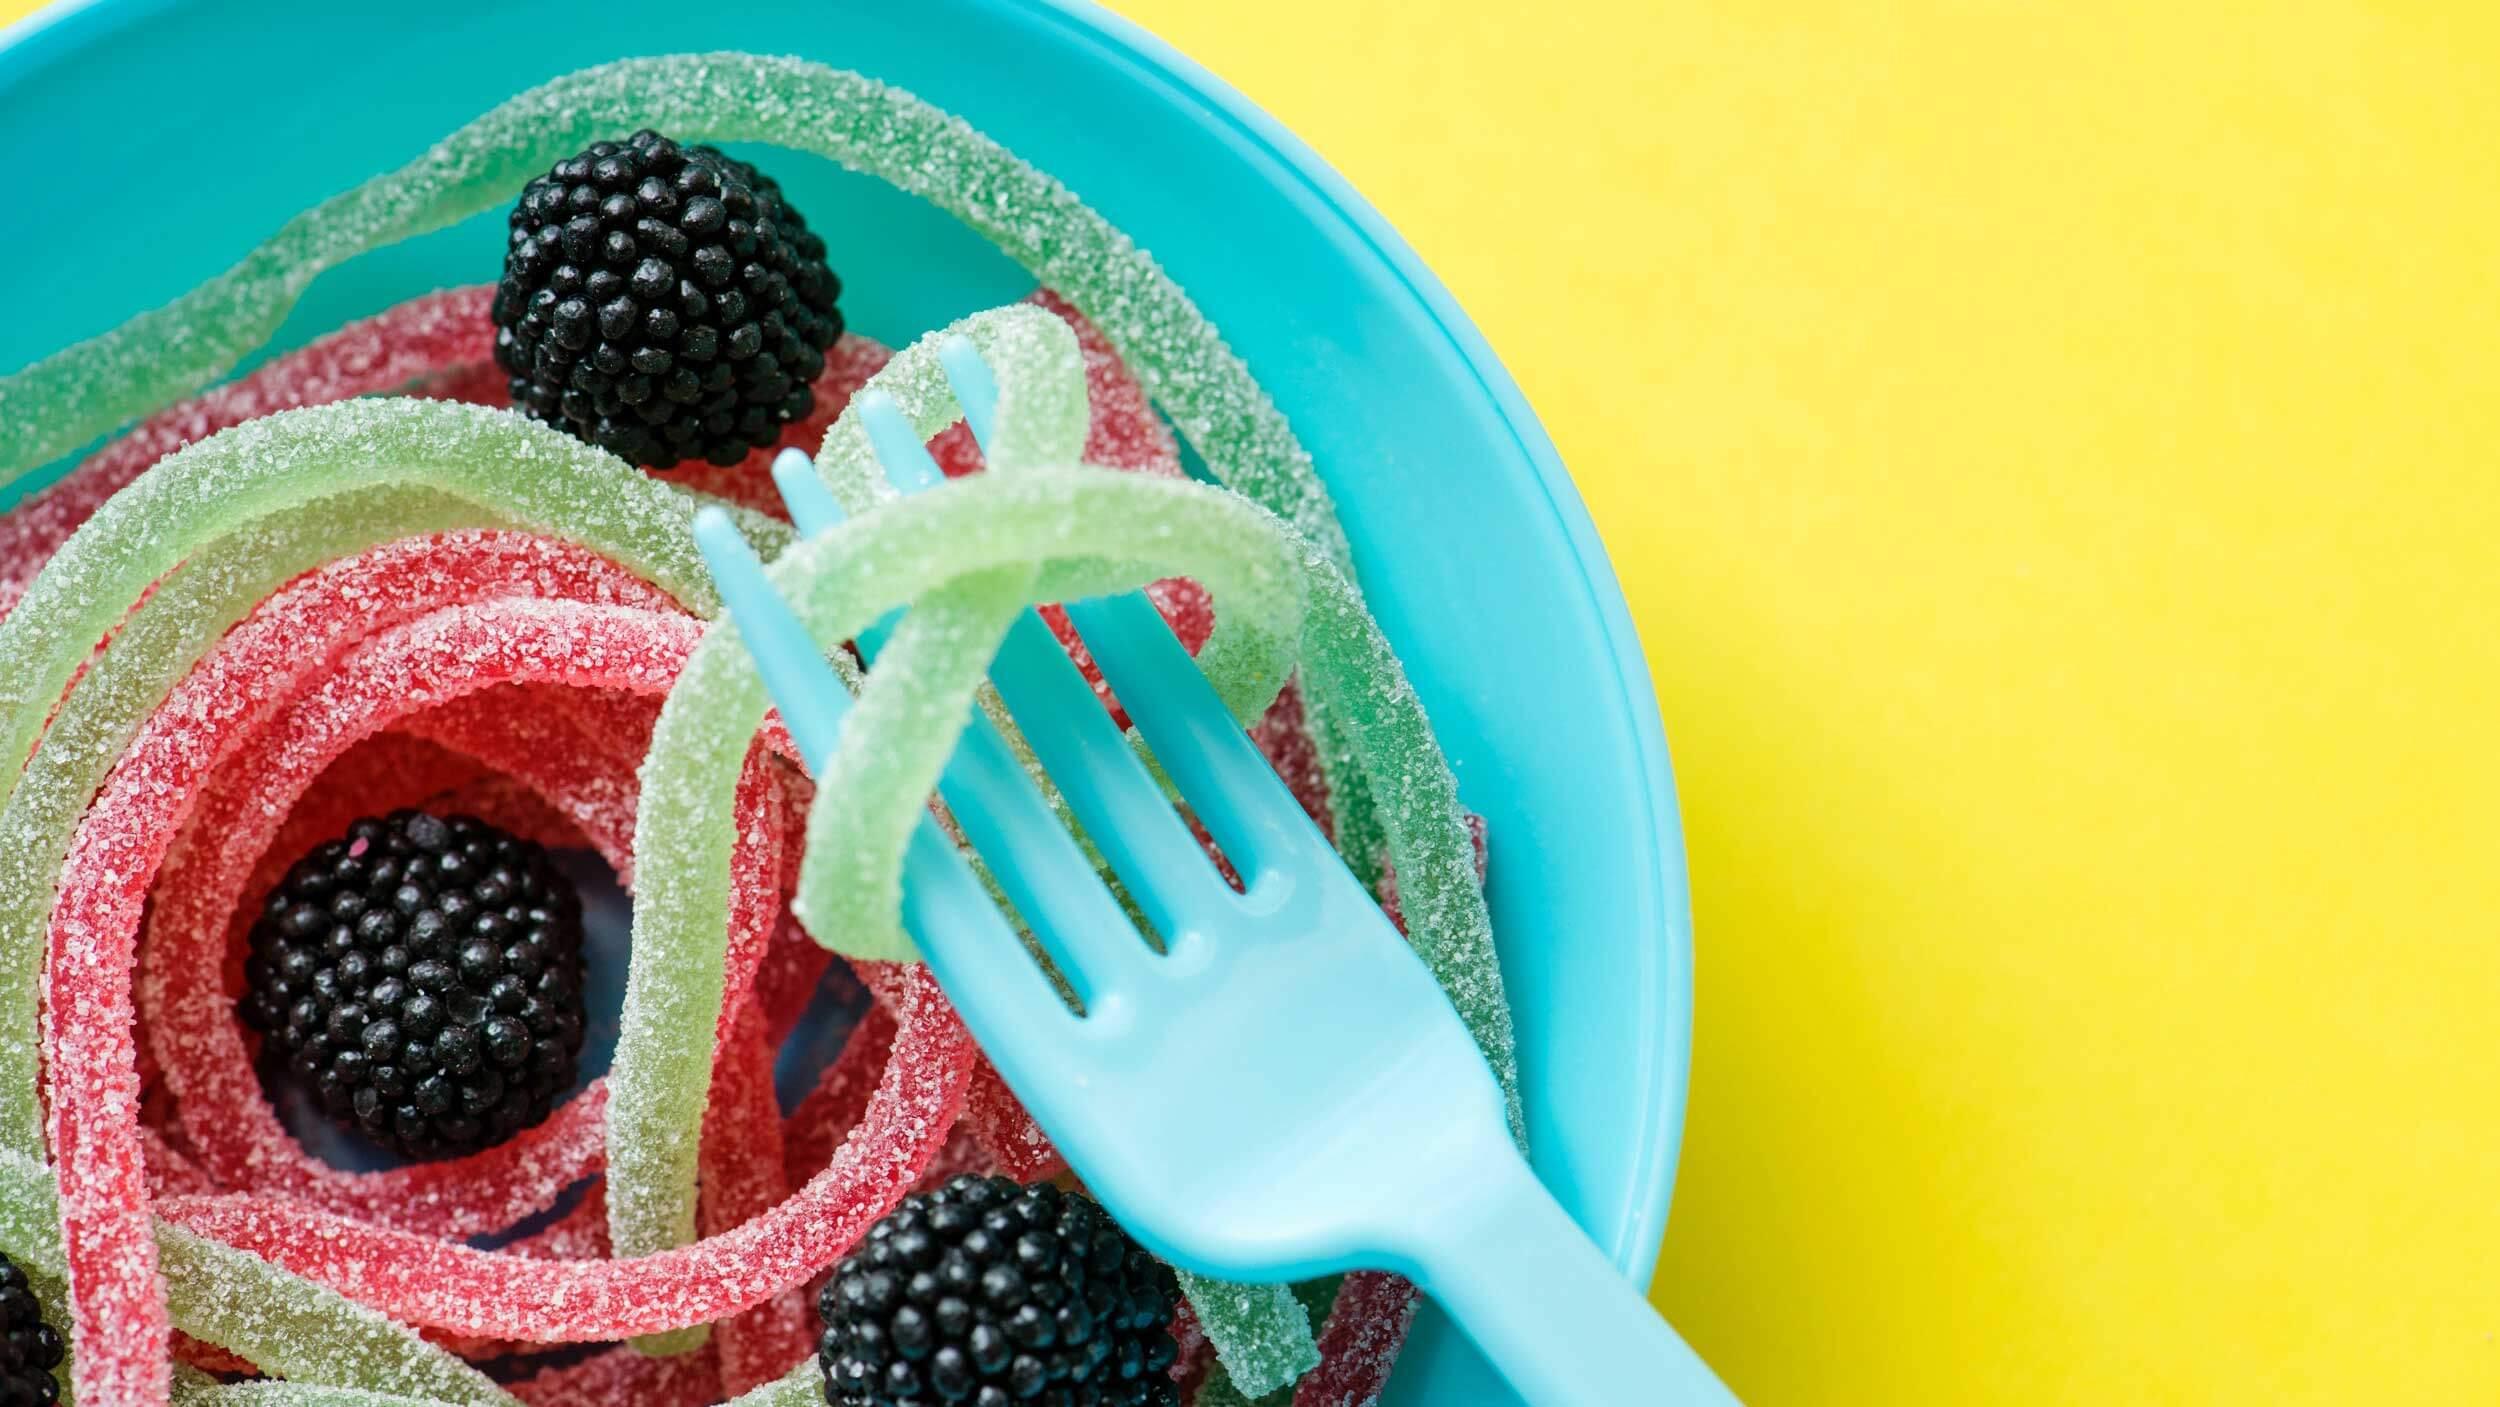 Prato azul com balas de gelatina em formato de amora e minhocas com um garfo levantando uma como se fosse um macarrão